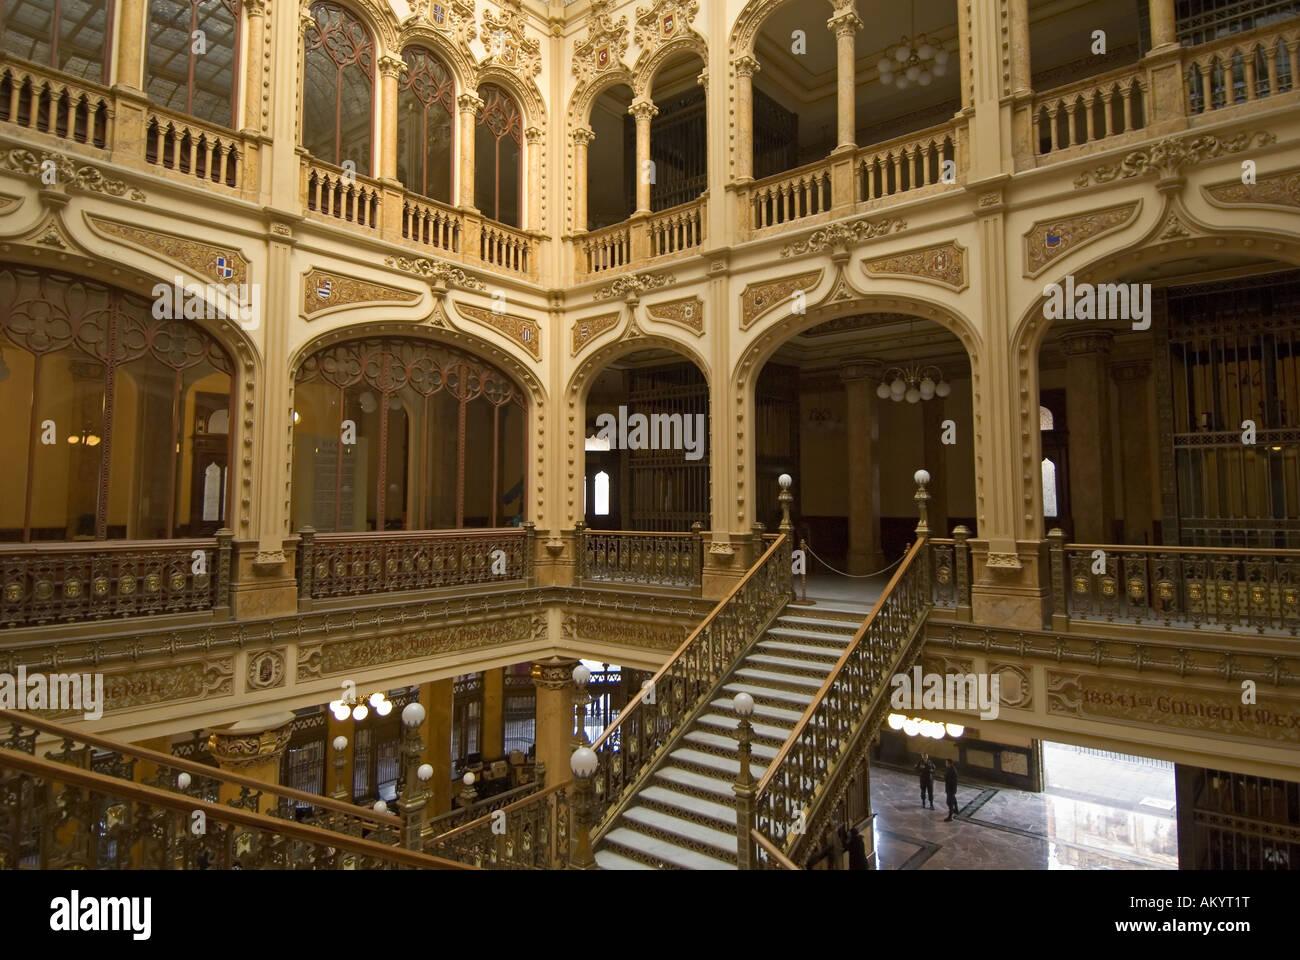 Historic main postoffice in Mexico City, Mexico - Stock Image